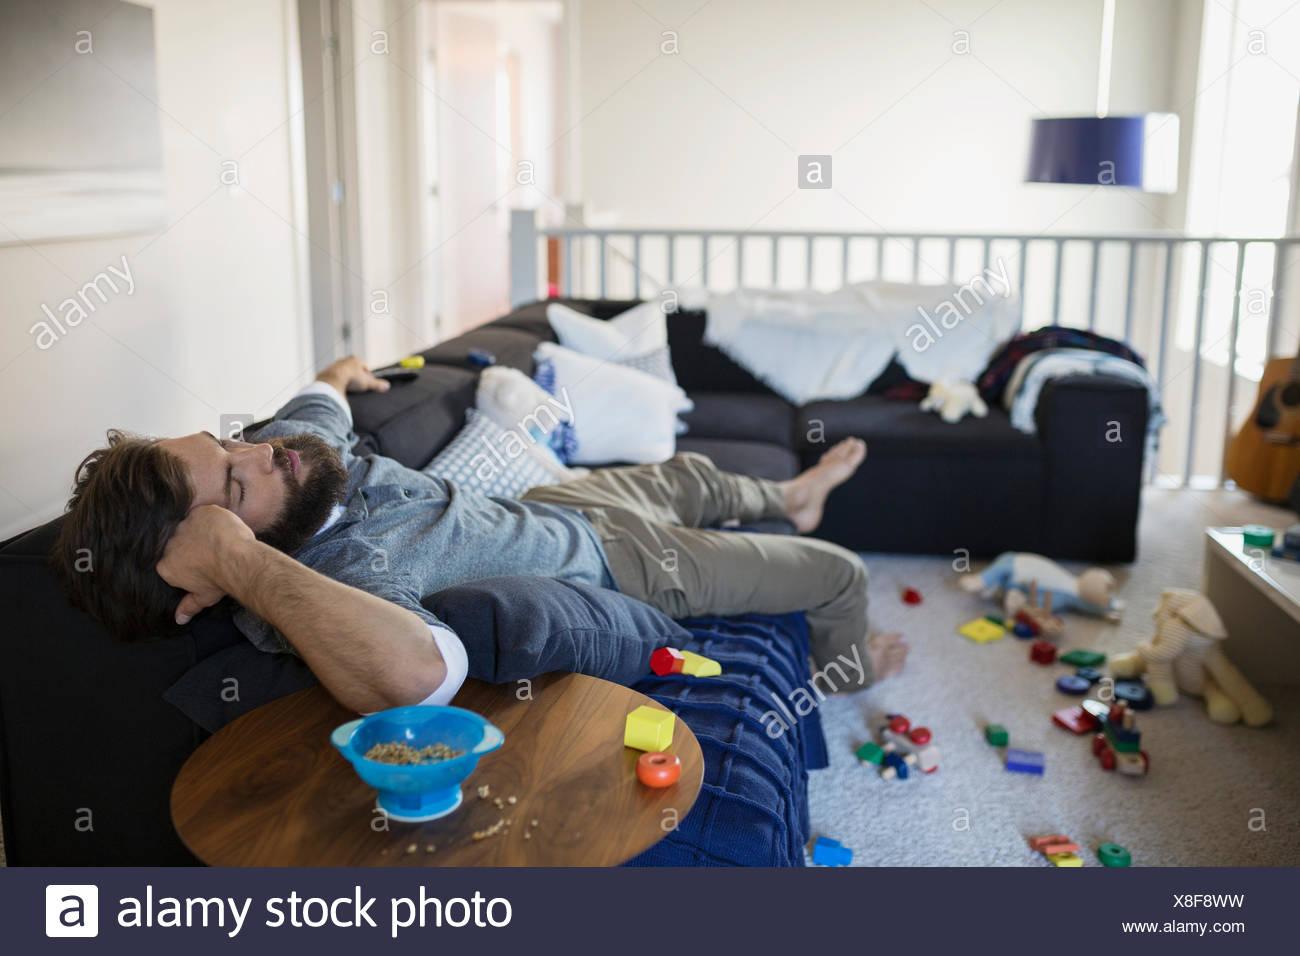 Erschöpften Mann Nickerchen auf Sofa umgeben von Spielzeug Stockbild